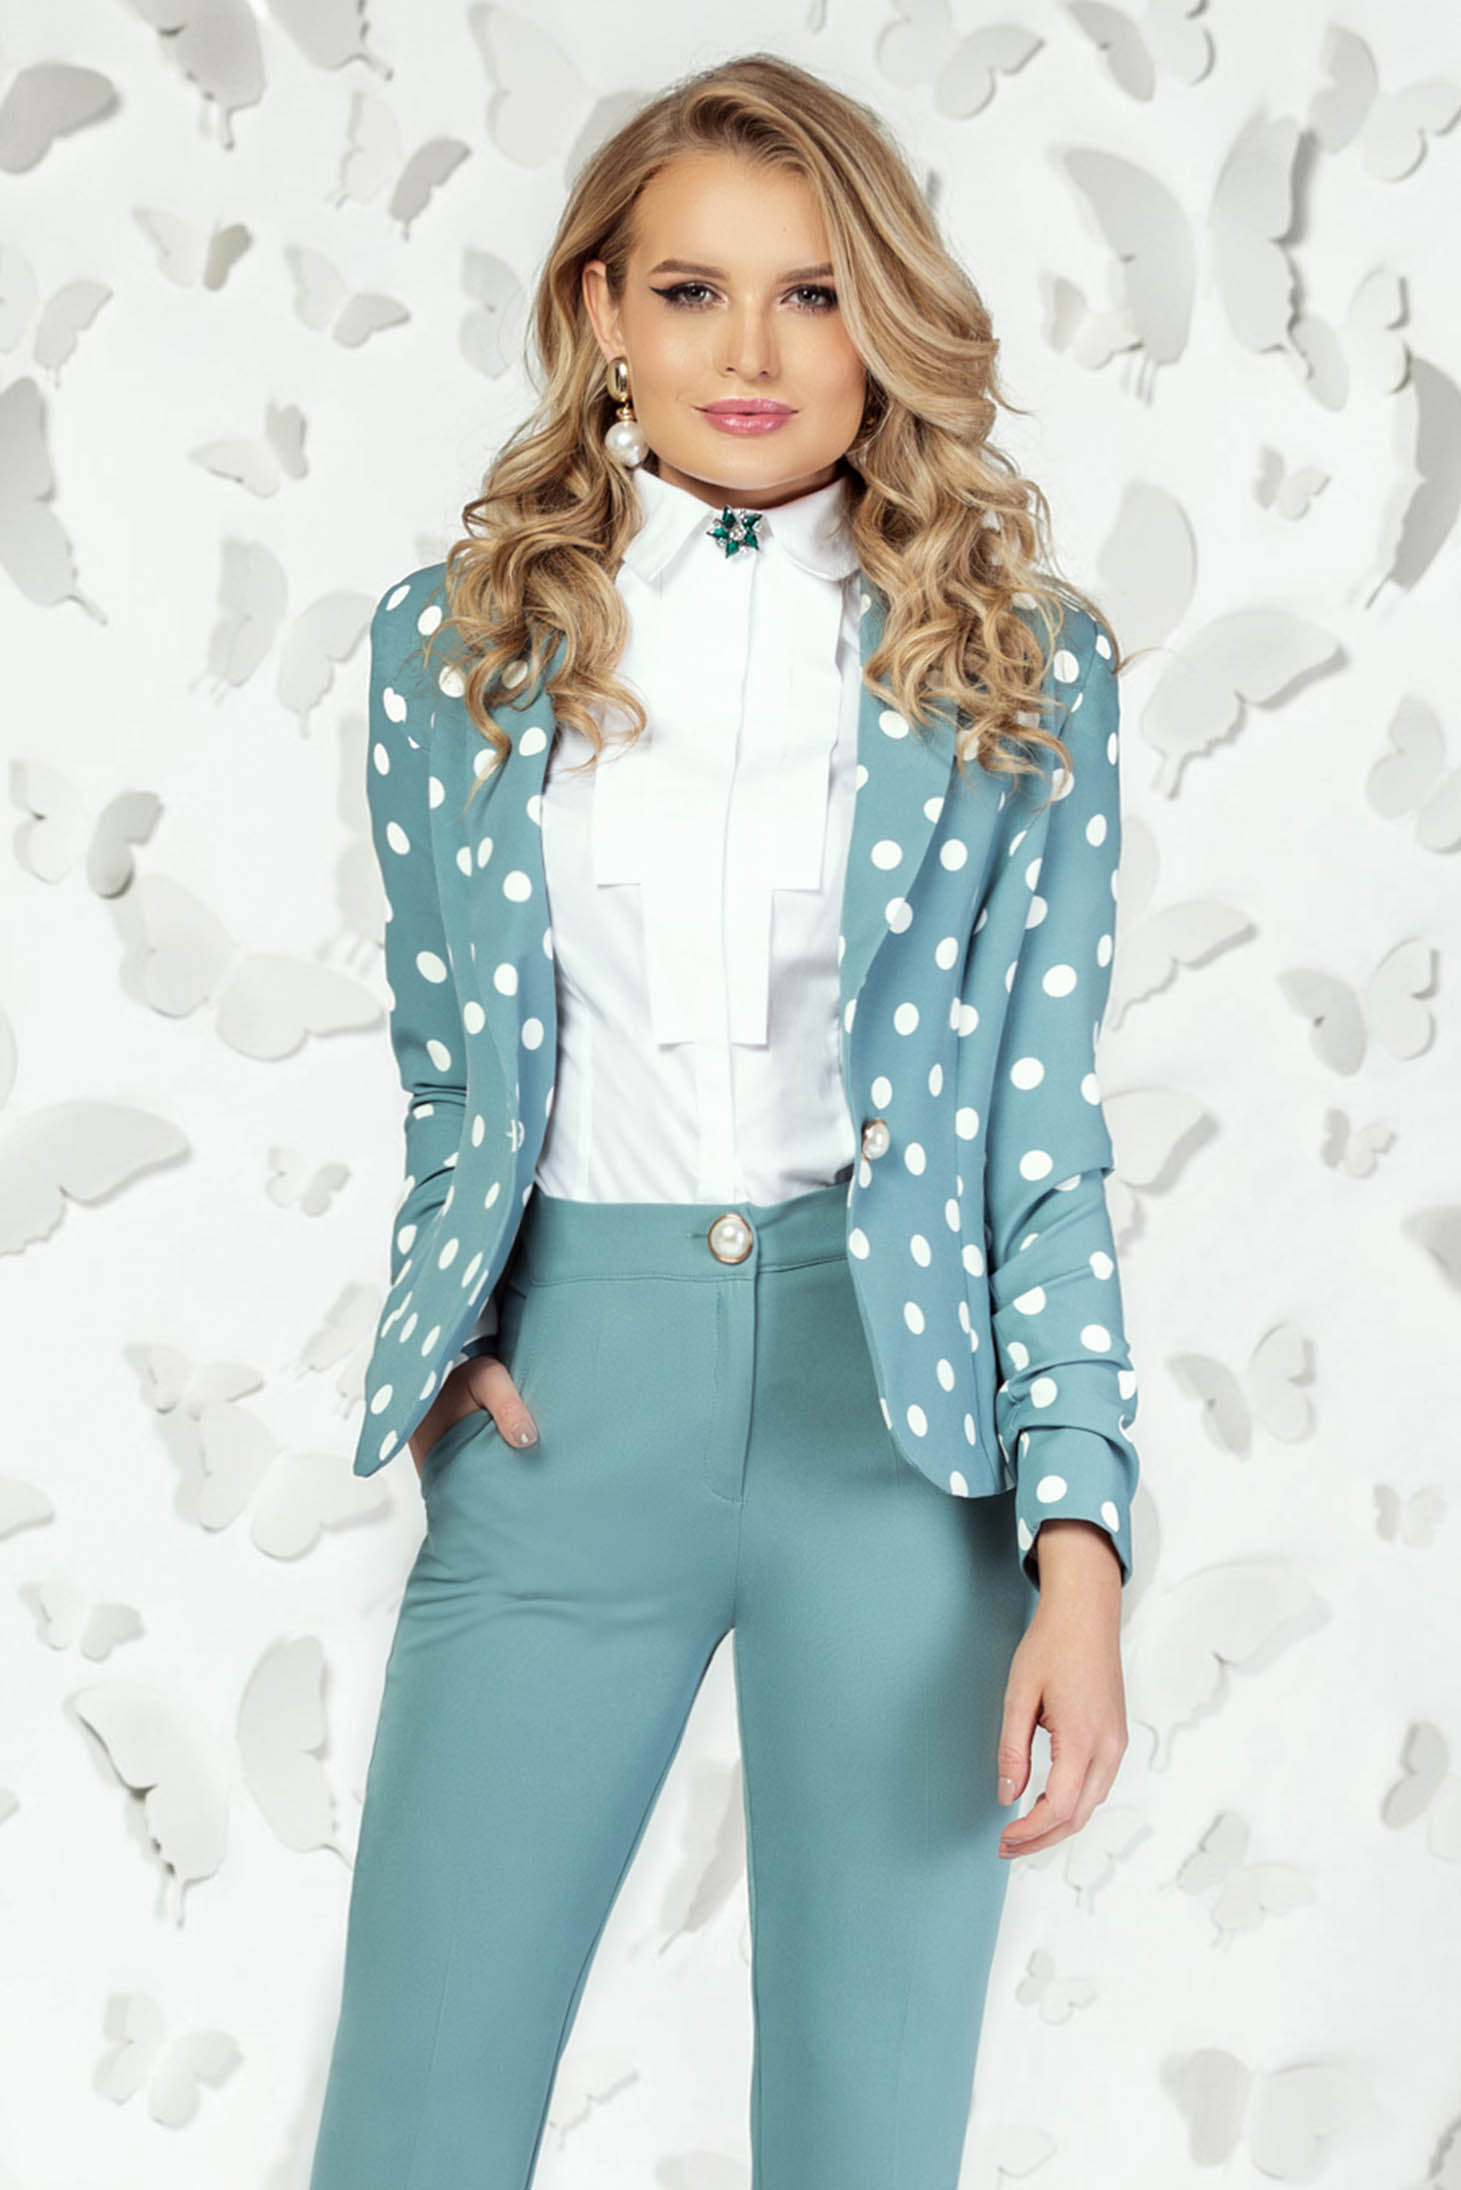 Jacket turquoise elegant long sleeved dots print